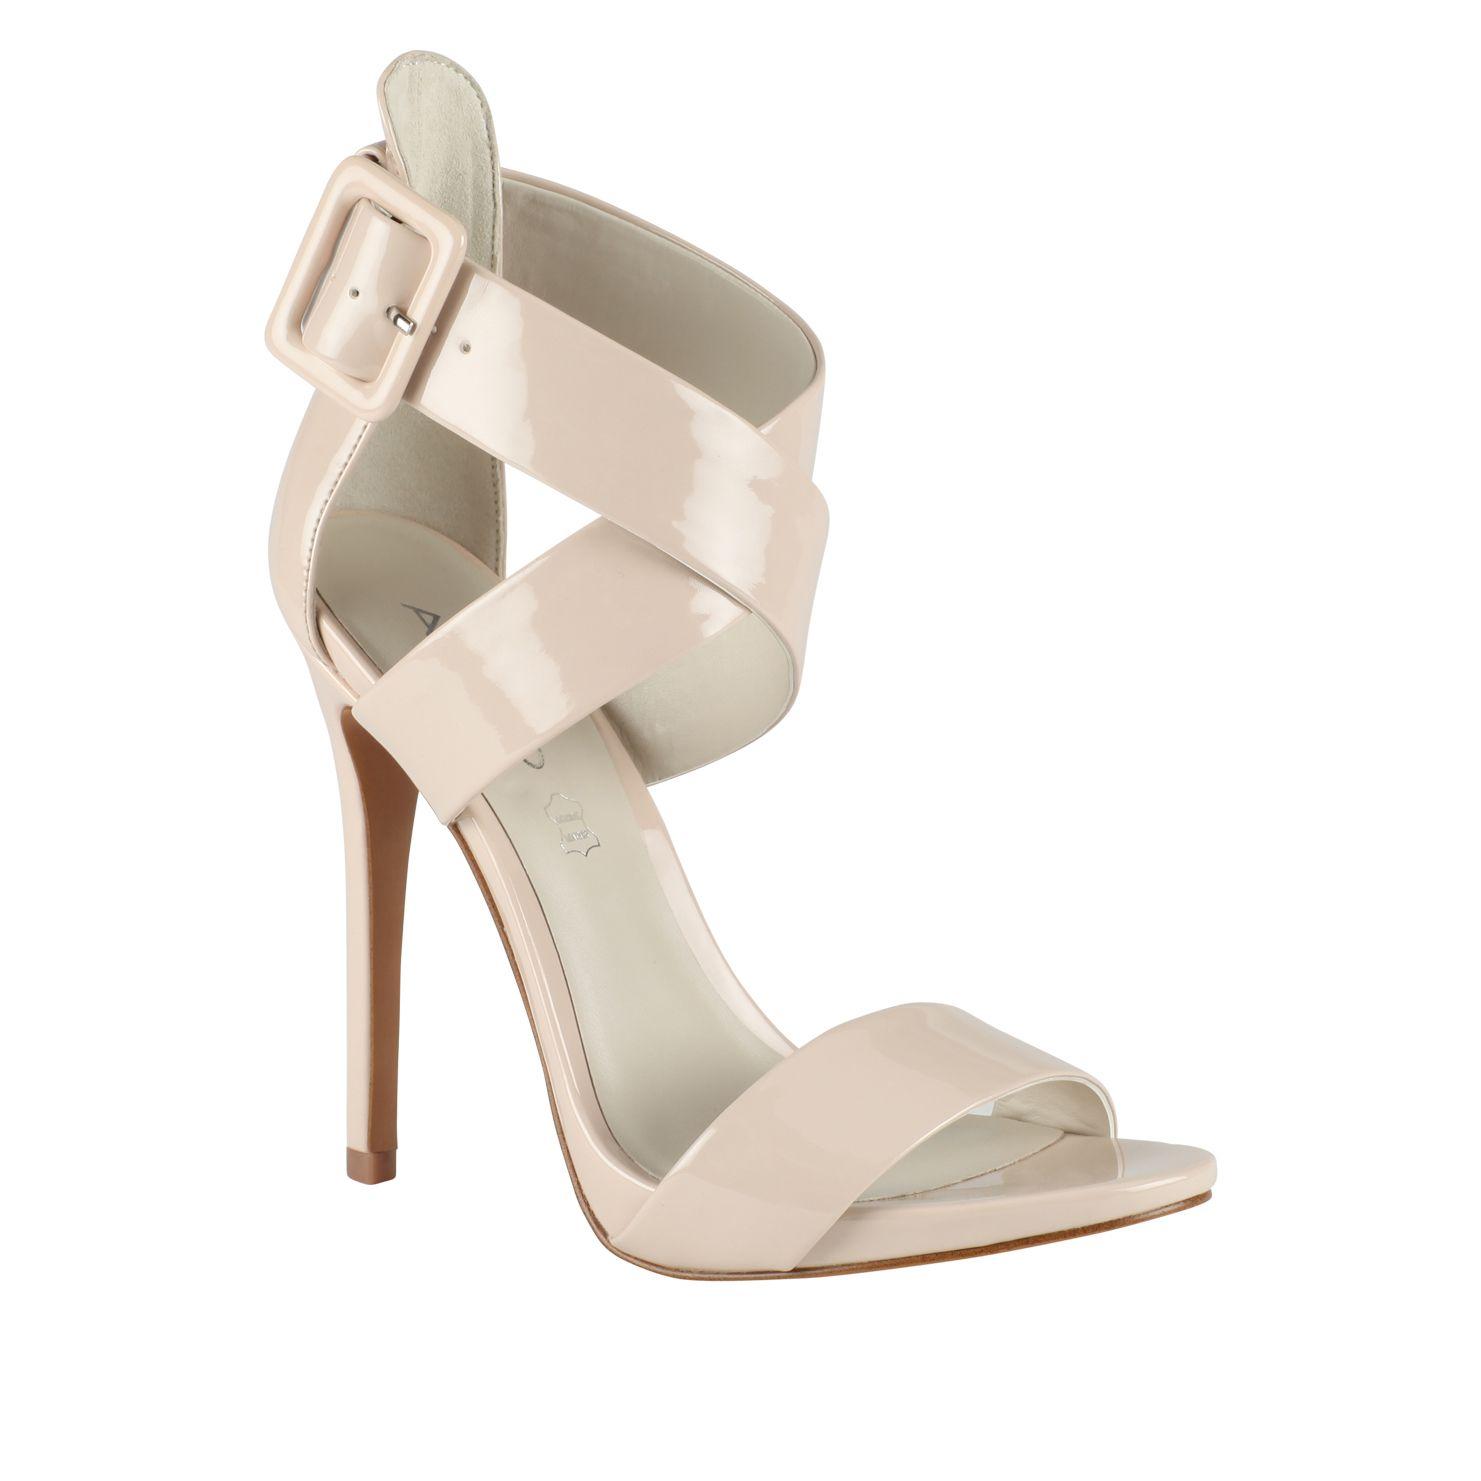 aldo ralevia strap high heel sandals in beige off white lyst. Black Bedroom Furniture Sets. Home Design Ideas